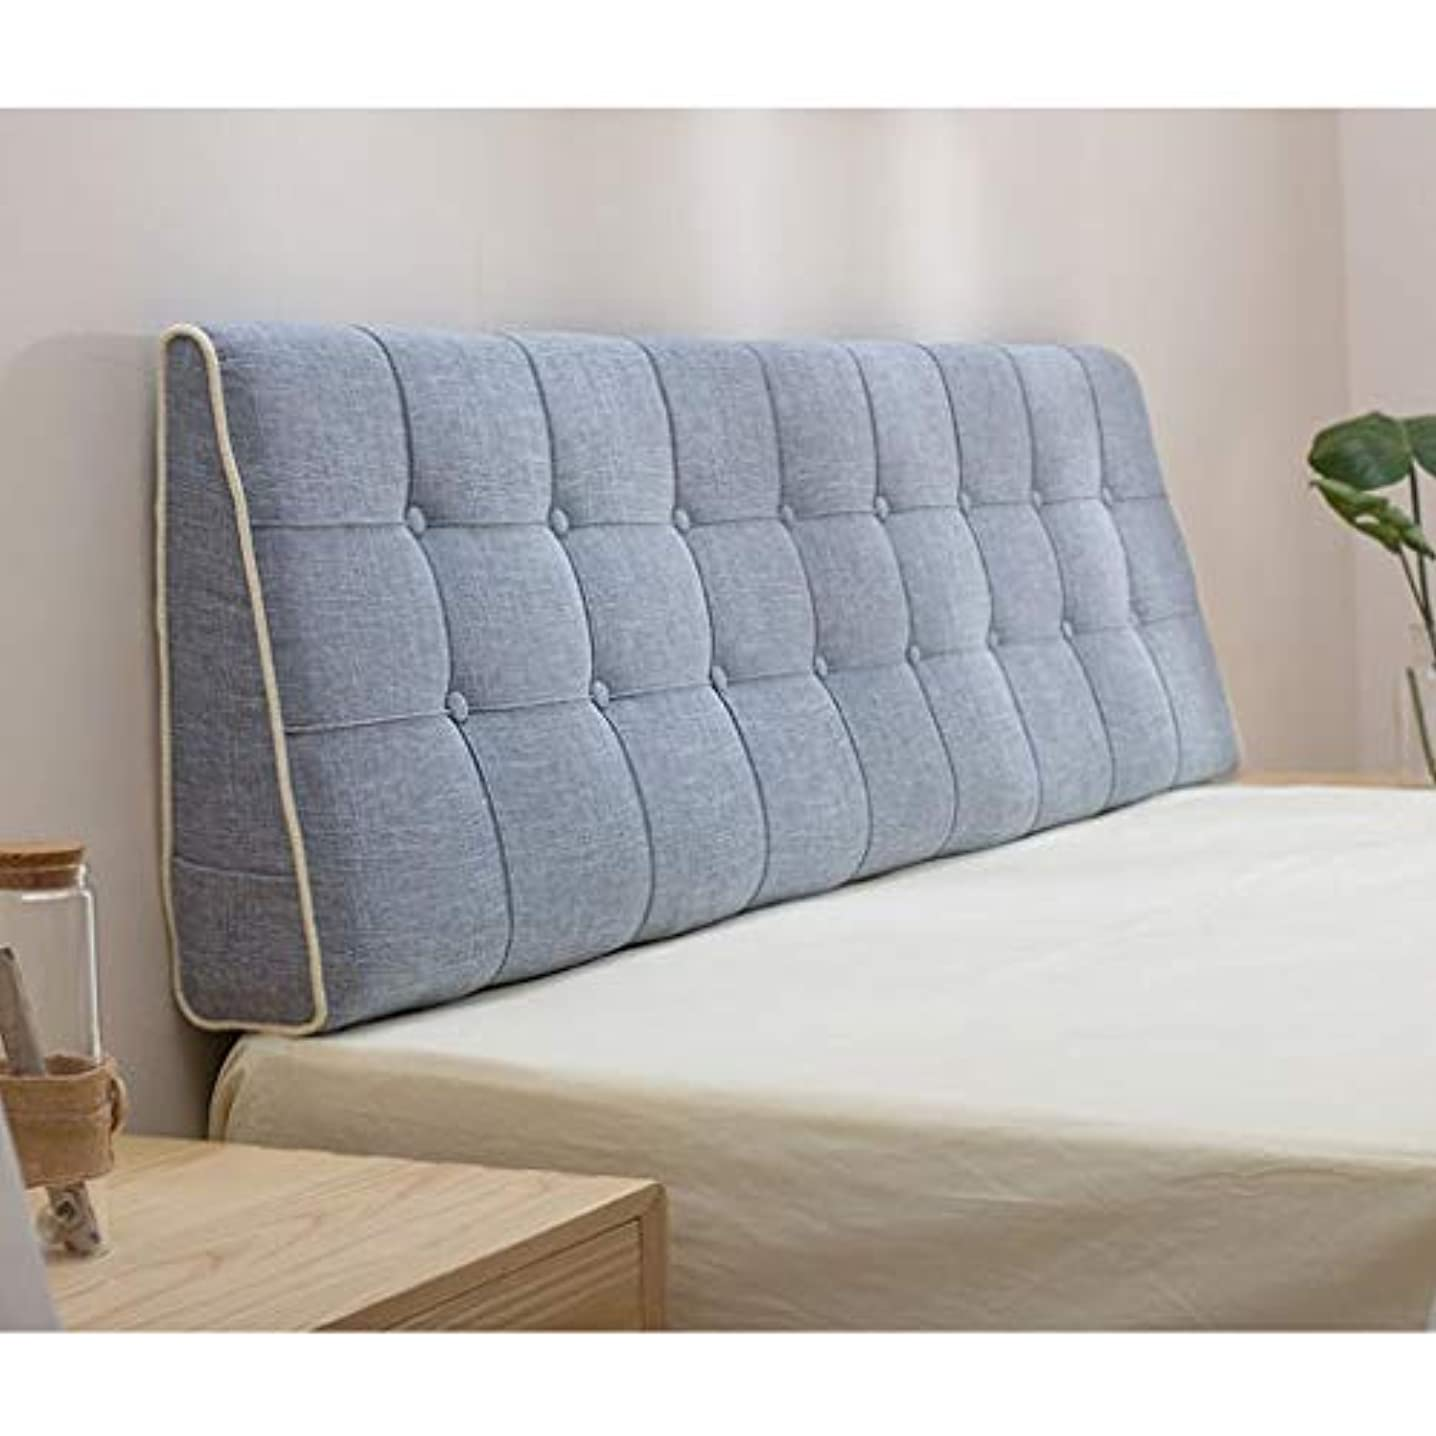 酔ってシュガー心配する超快適で ベッドヘッドクッションベッド枕大きなバッククッションウエストクッションベッドベッドバラエティ Zsetop (Color : A, Size : 150*50cm)